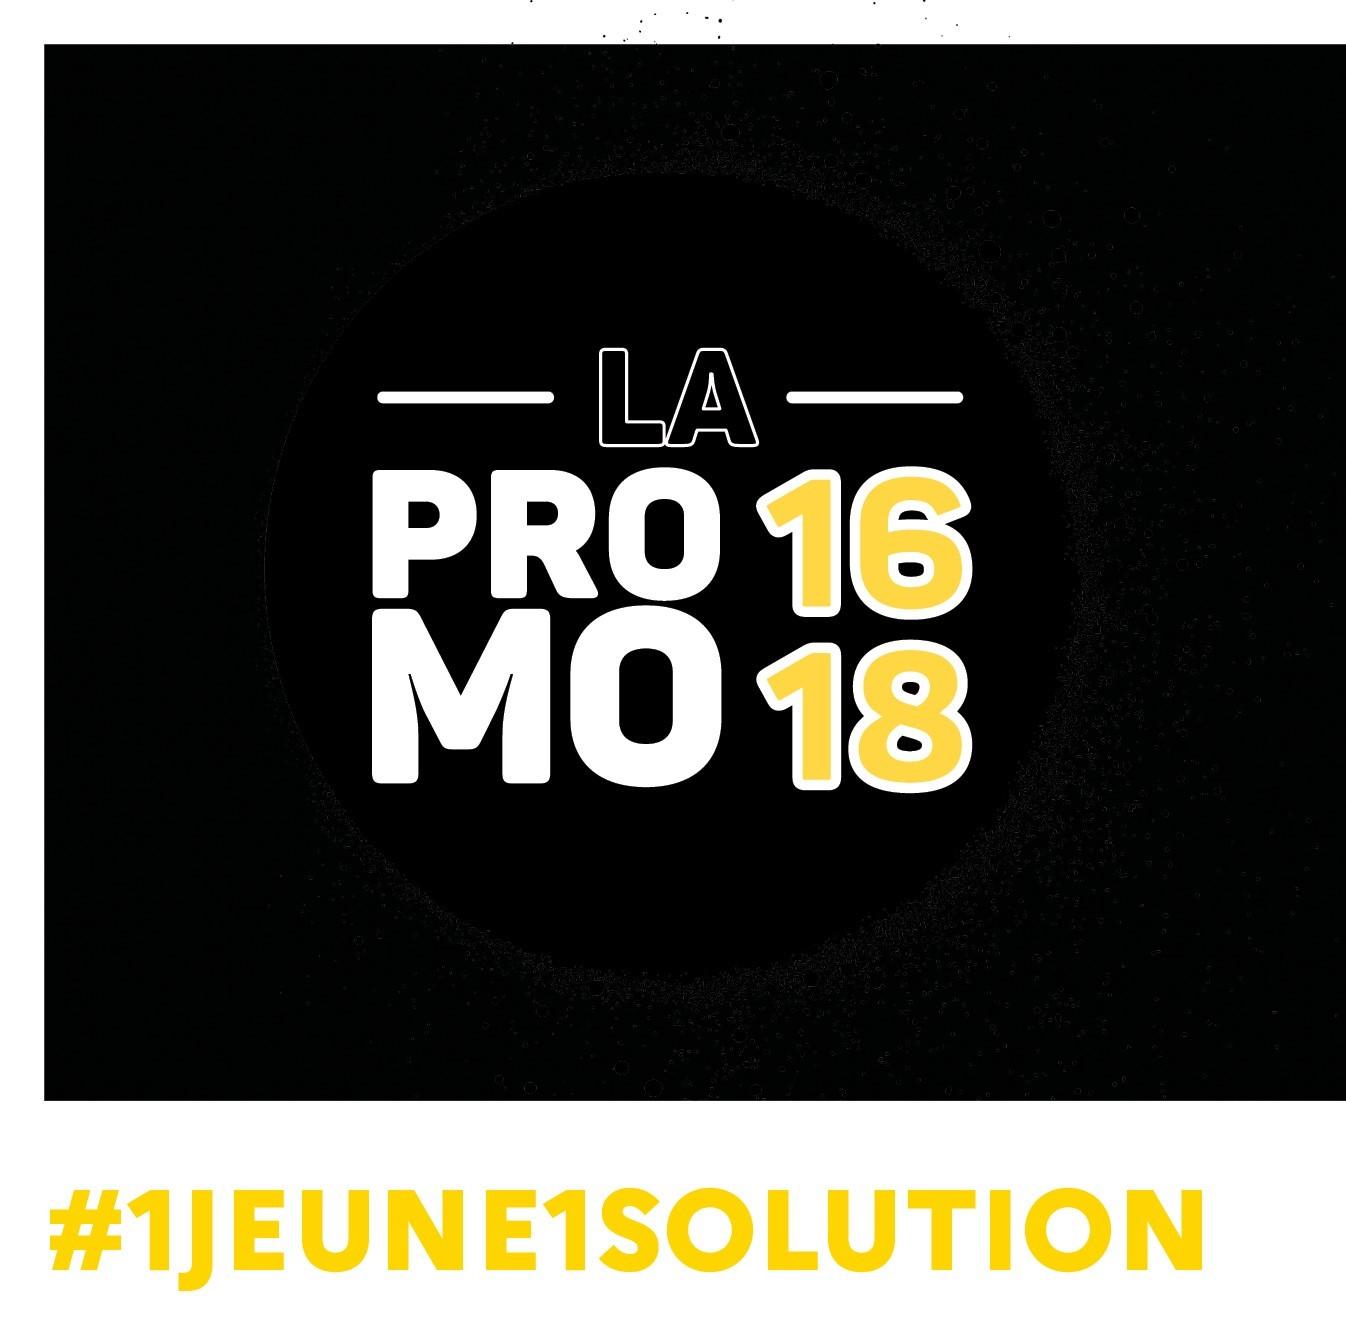 Promo16.18 – Copie (2)